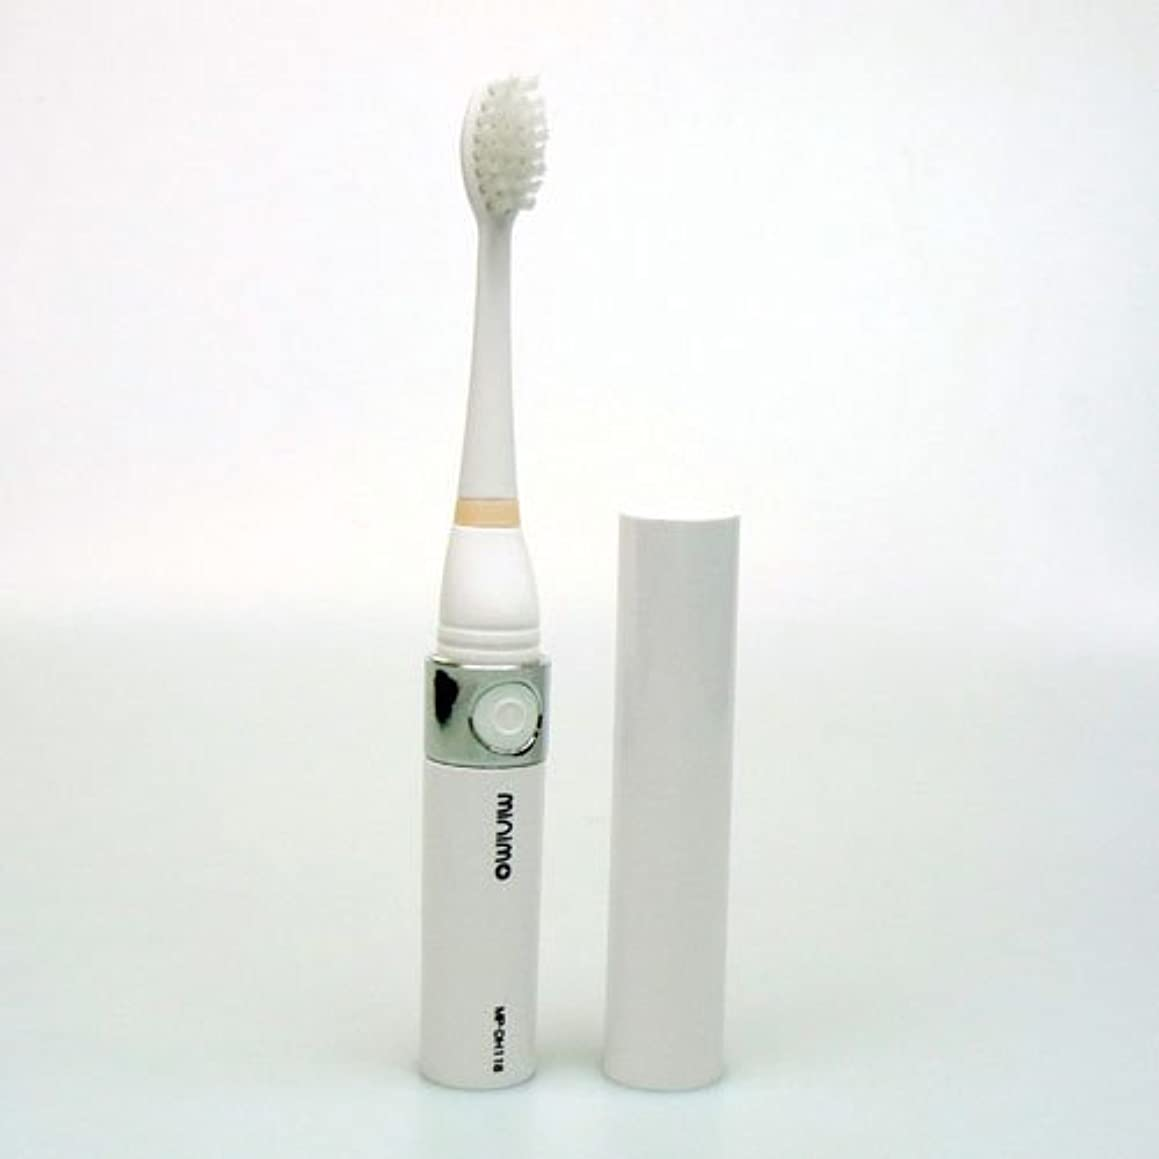 別の栄光露骨なmaruman 音波振動歯ブラシ minimo ホワイト MP-DH118WH